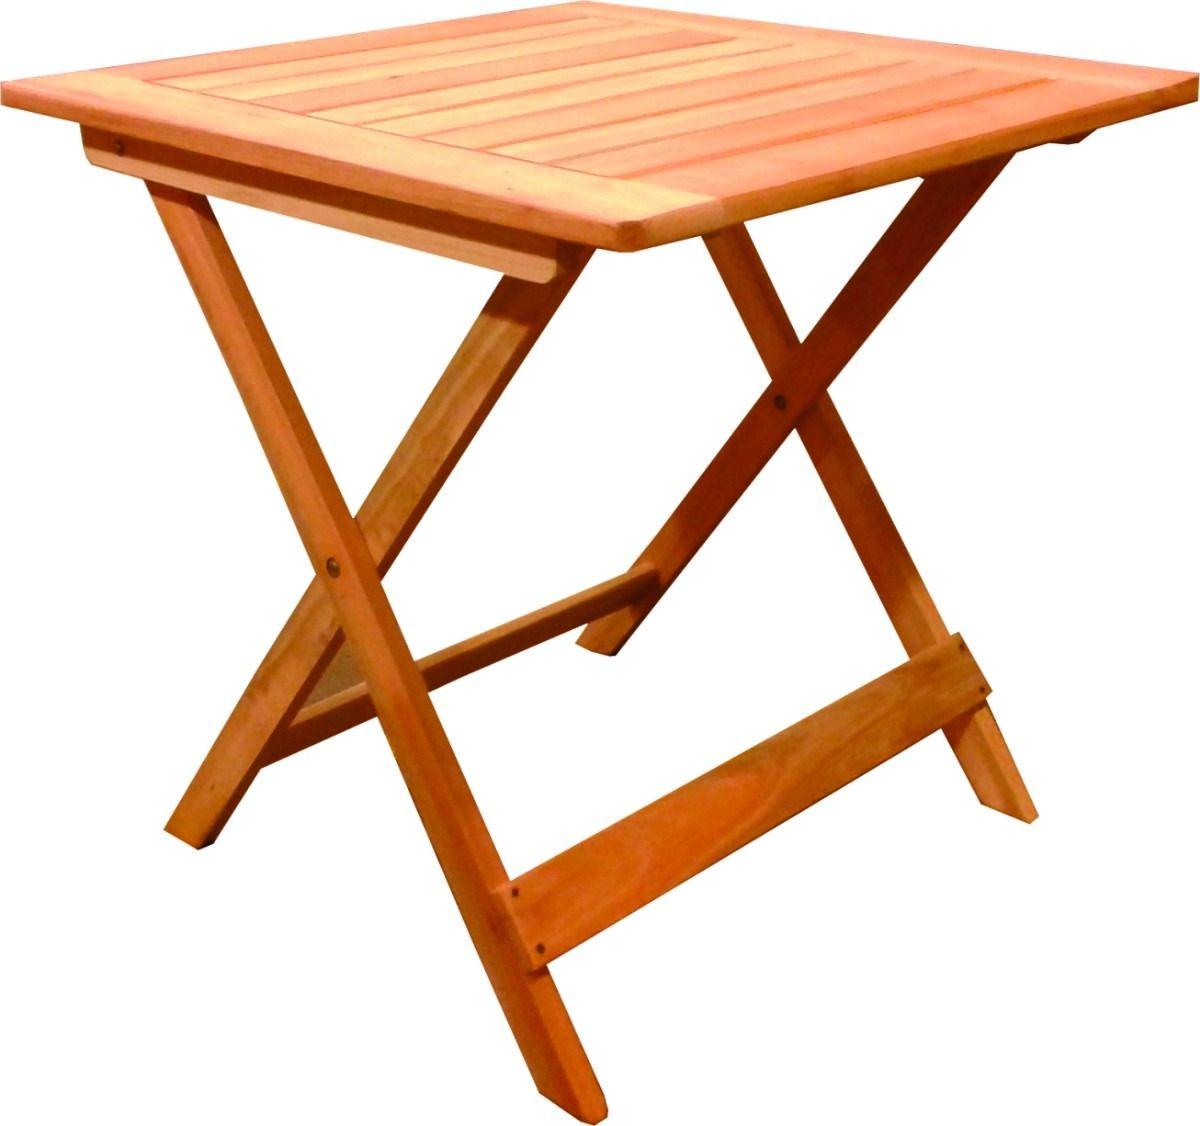 Mesa plegable de madera eucaliptus ideal bar patio o - Mesas de madera plegables para exterior ...